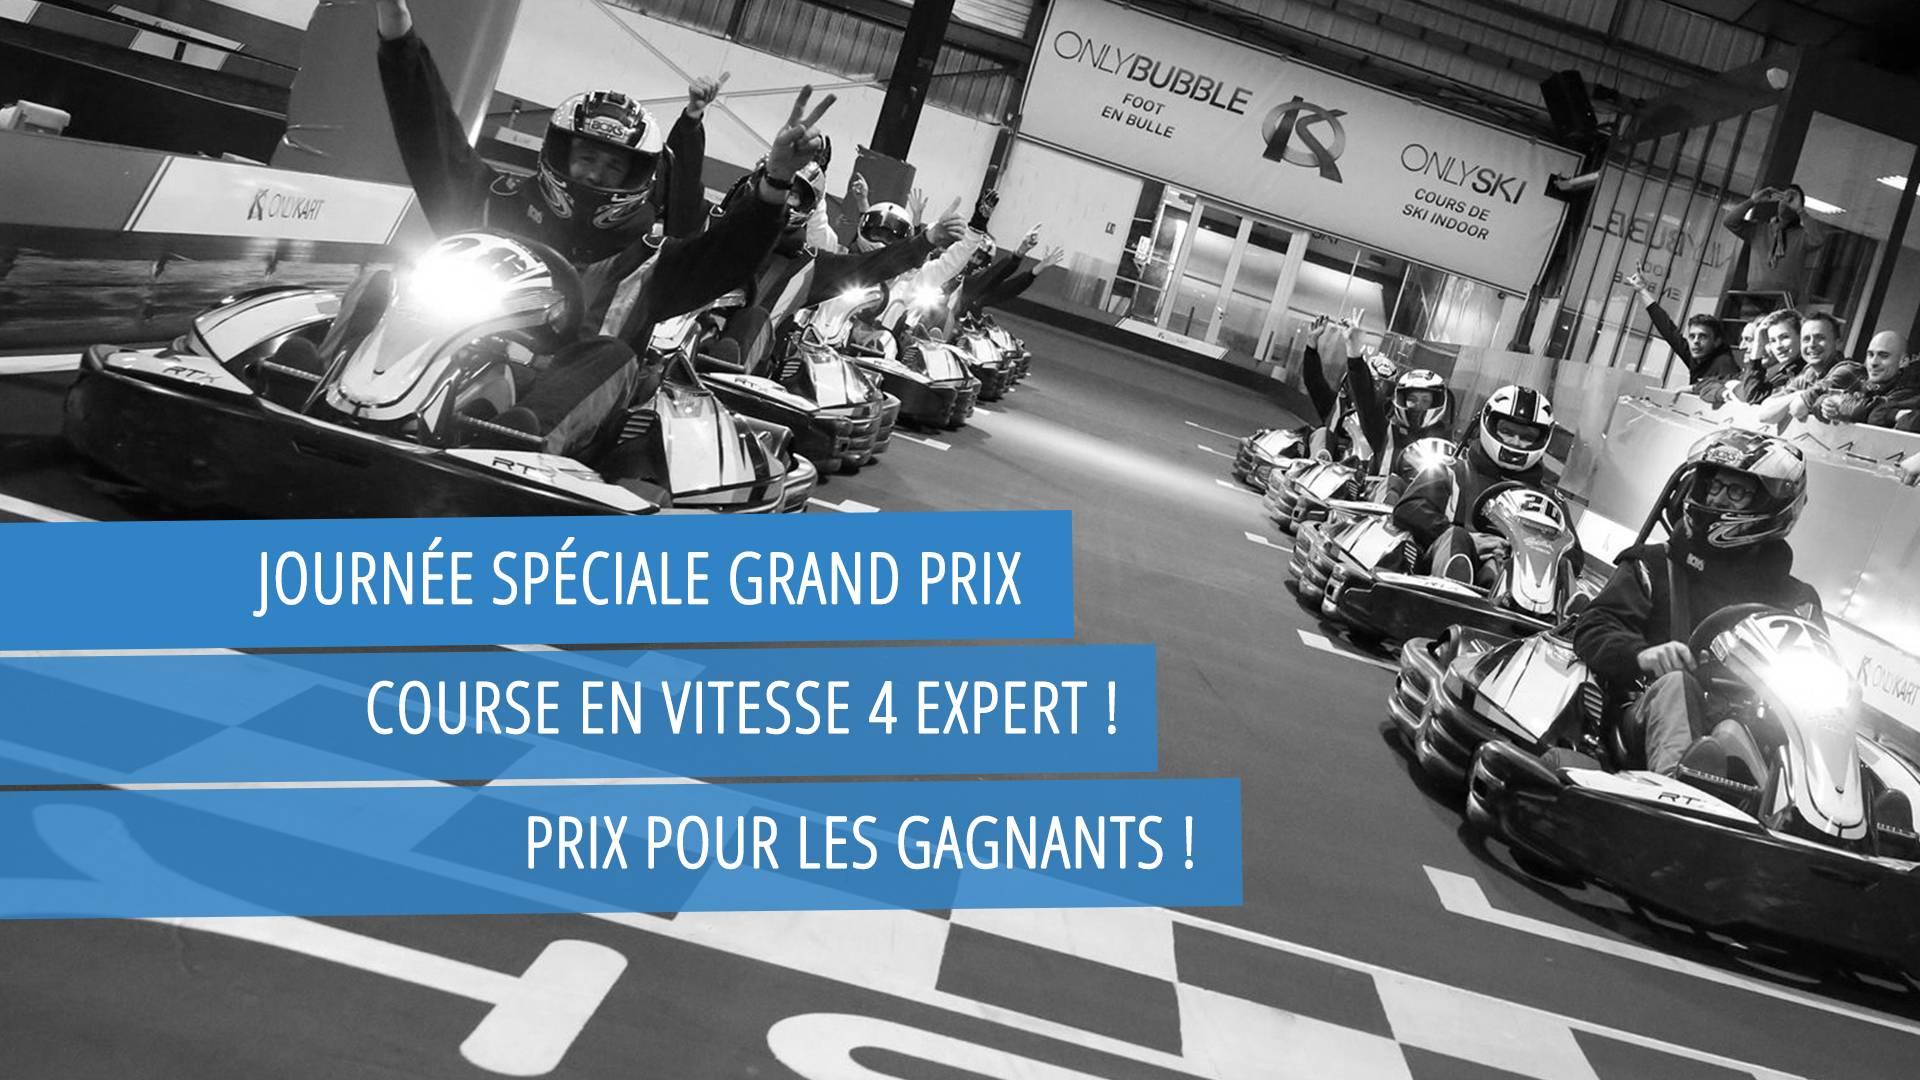 grand prix karting à lyon